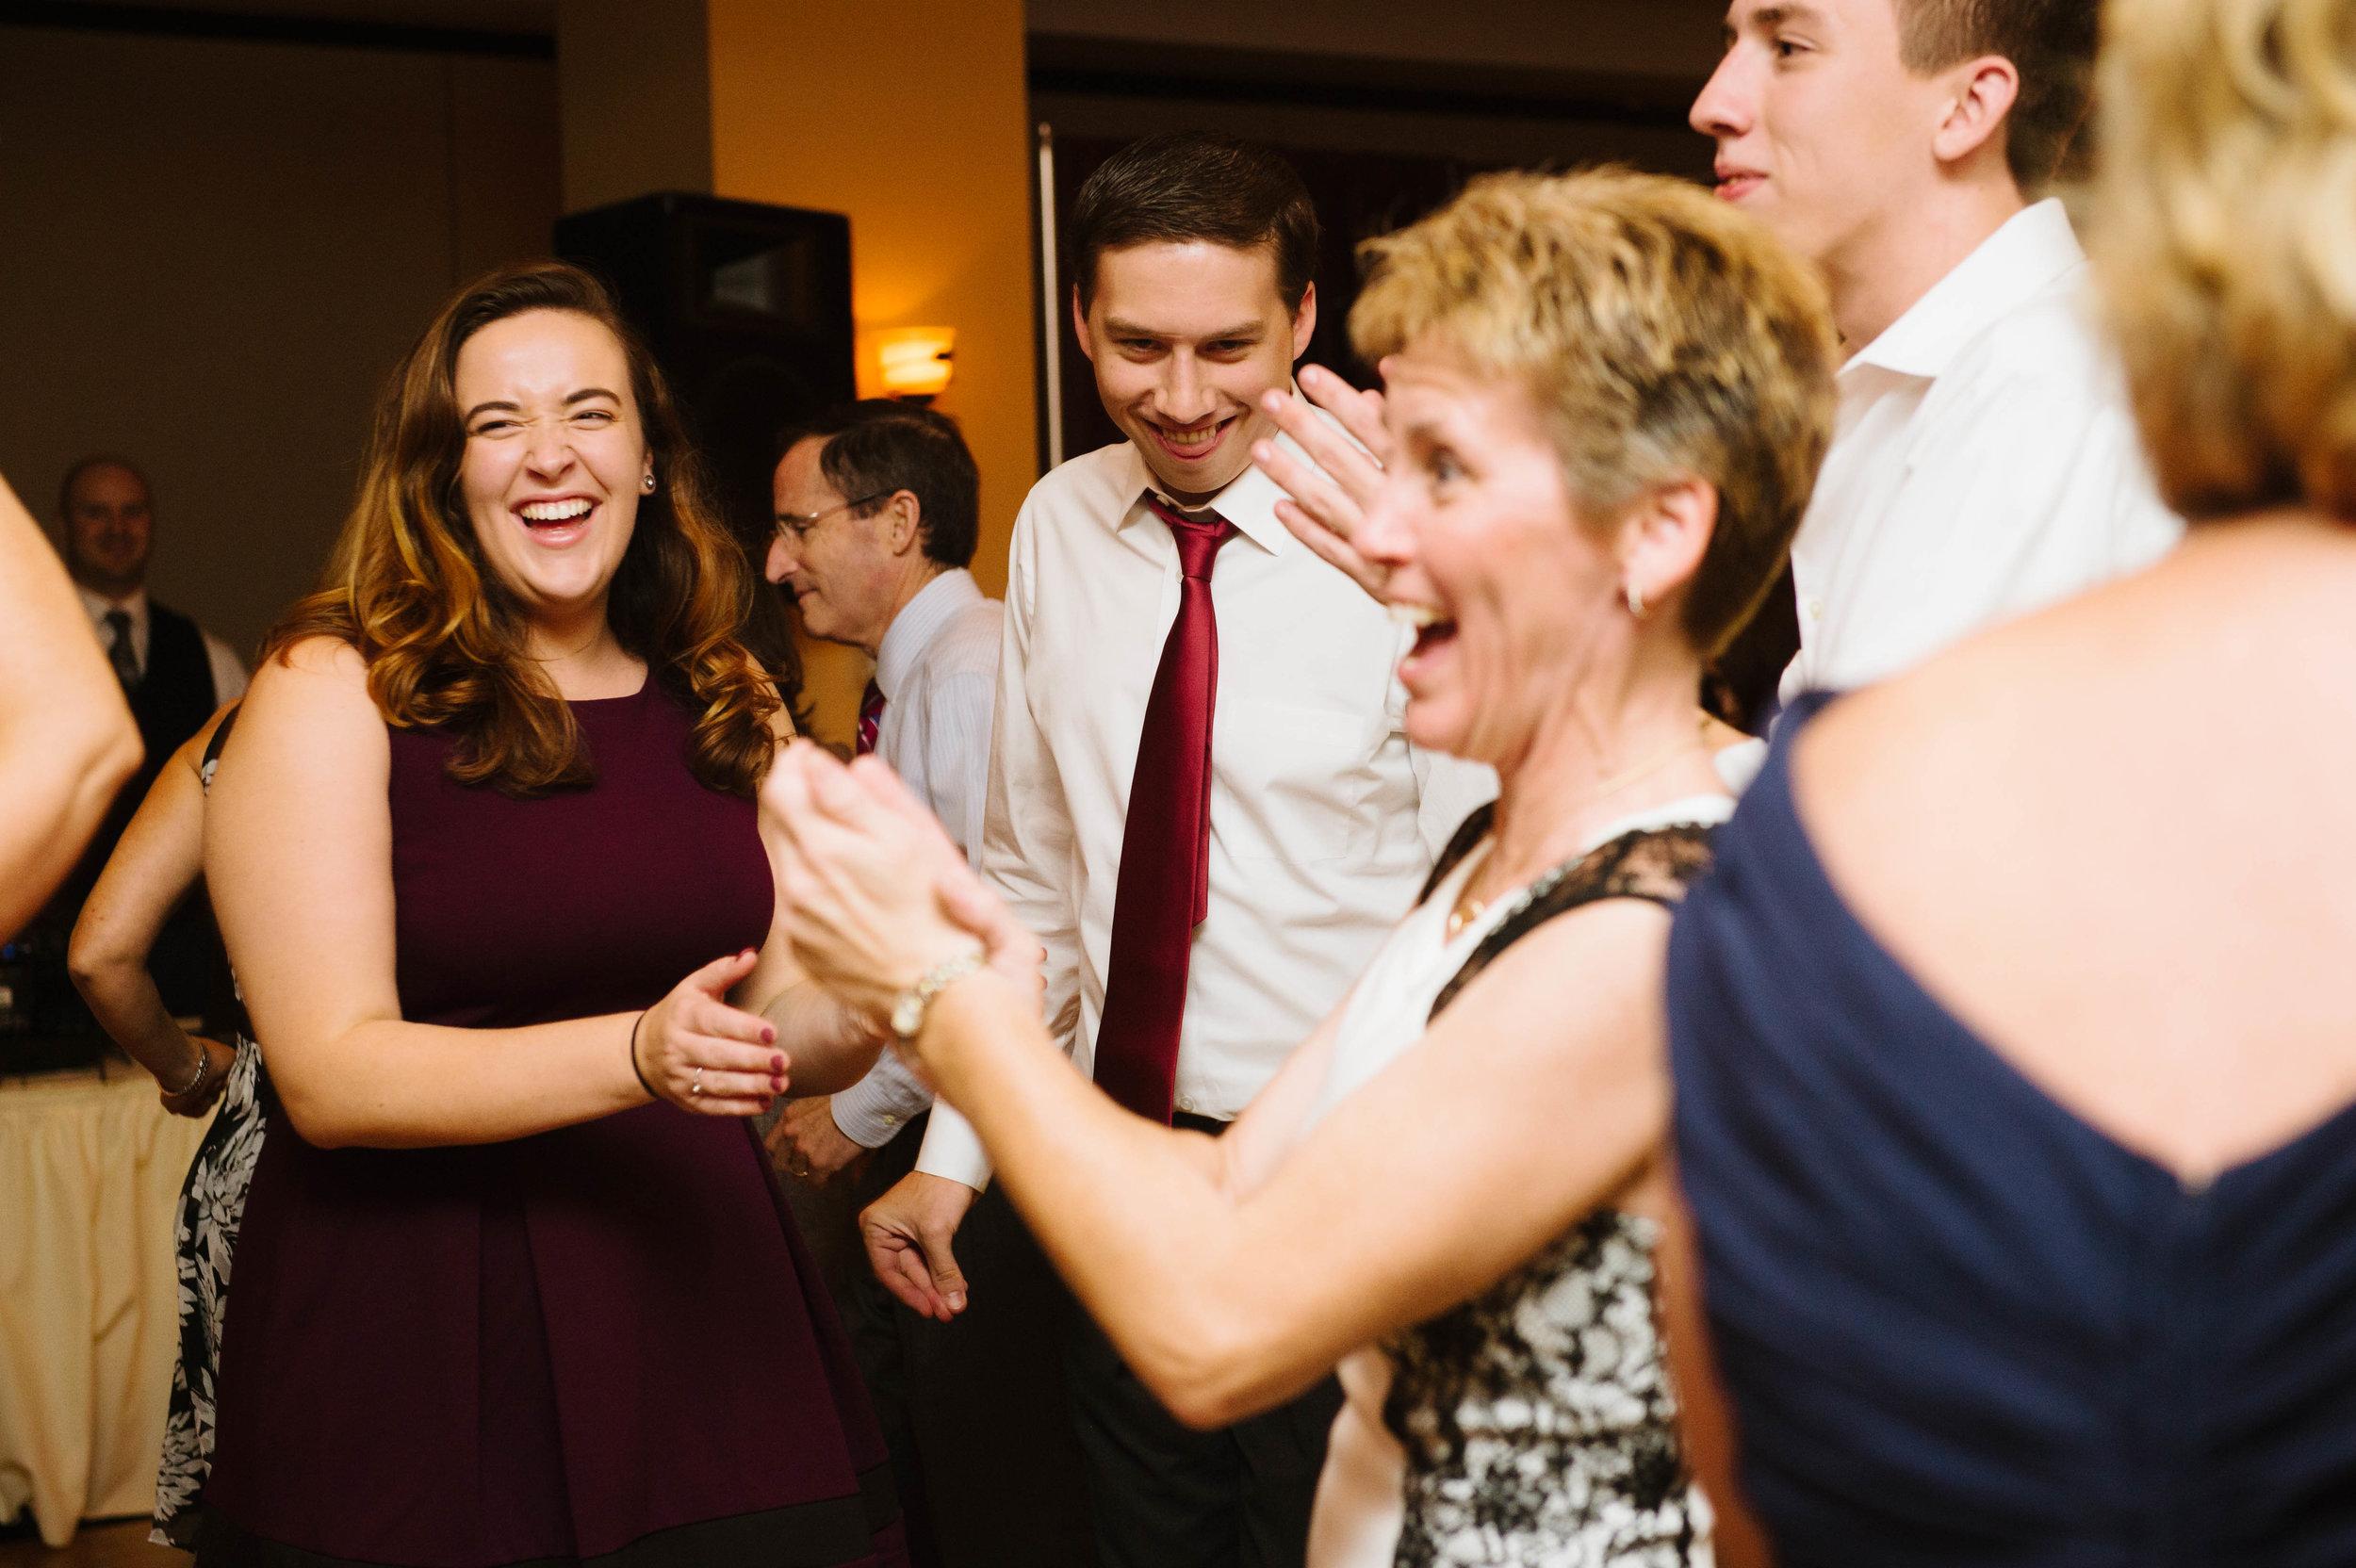 Candid-Wedding-Photography-Massachusetts028.jpg